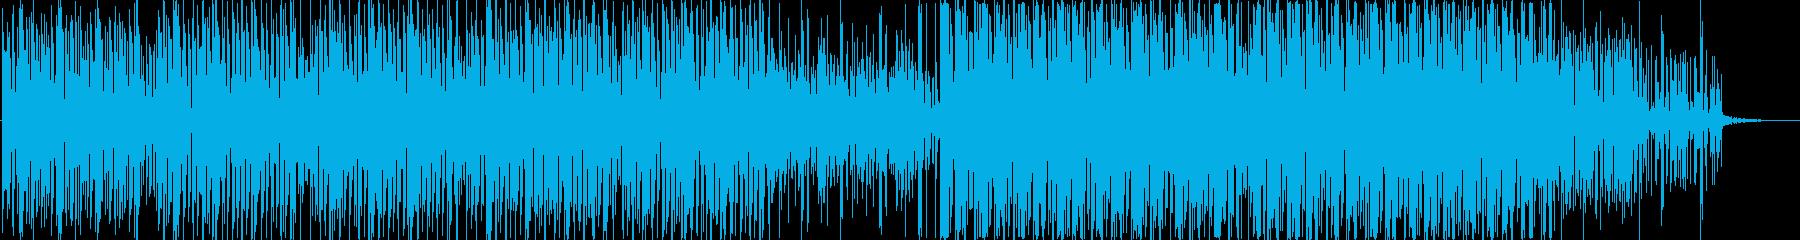 未来的・無機質なテクノミュージックの再生済みの波形